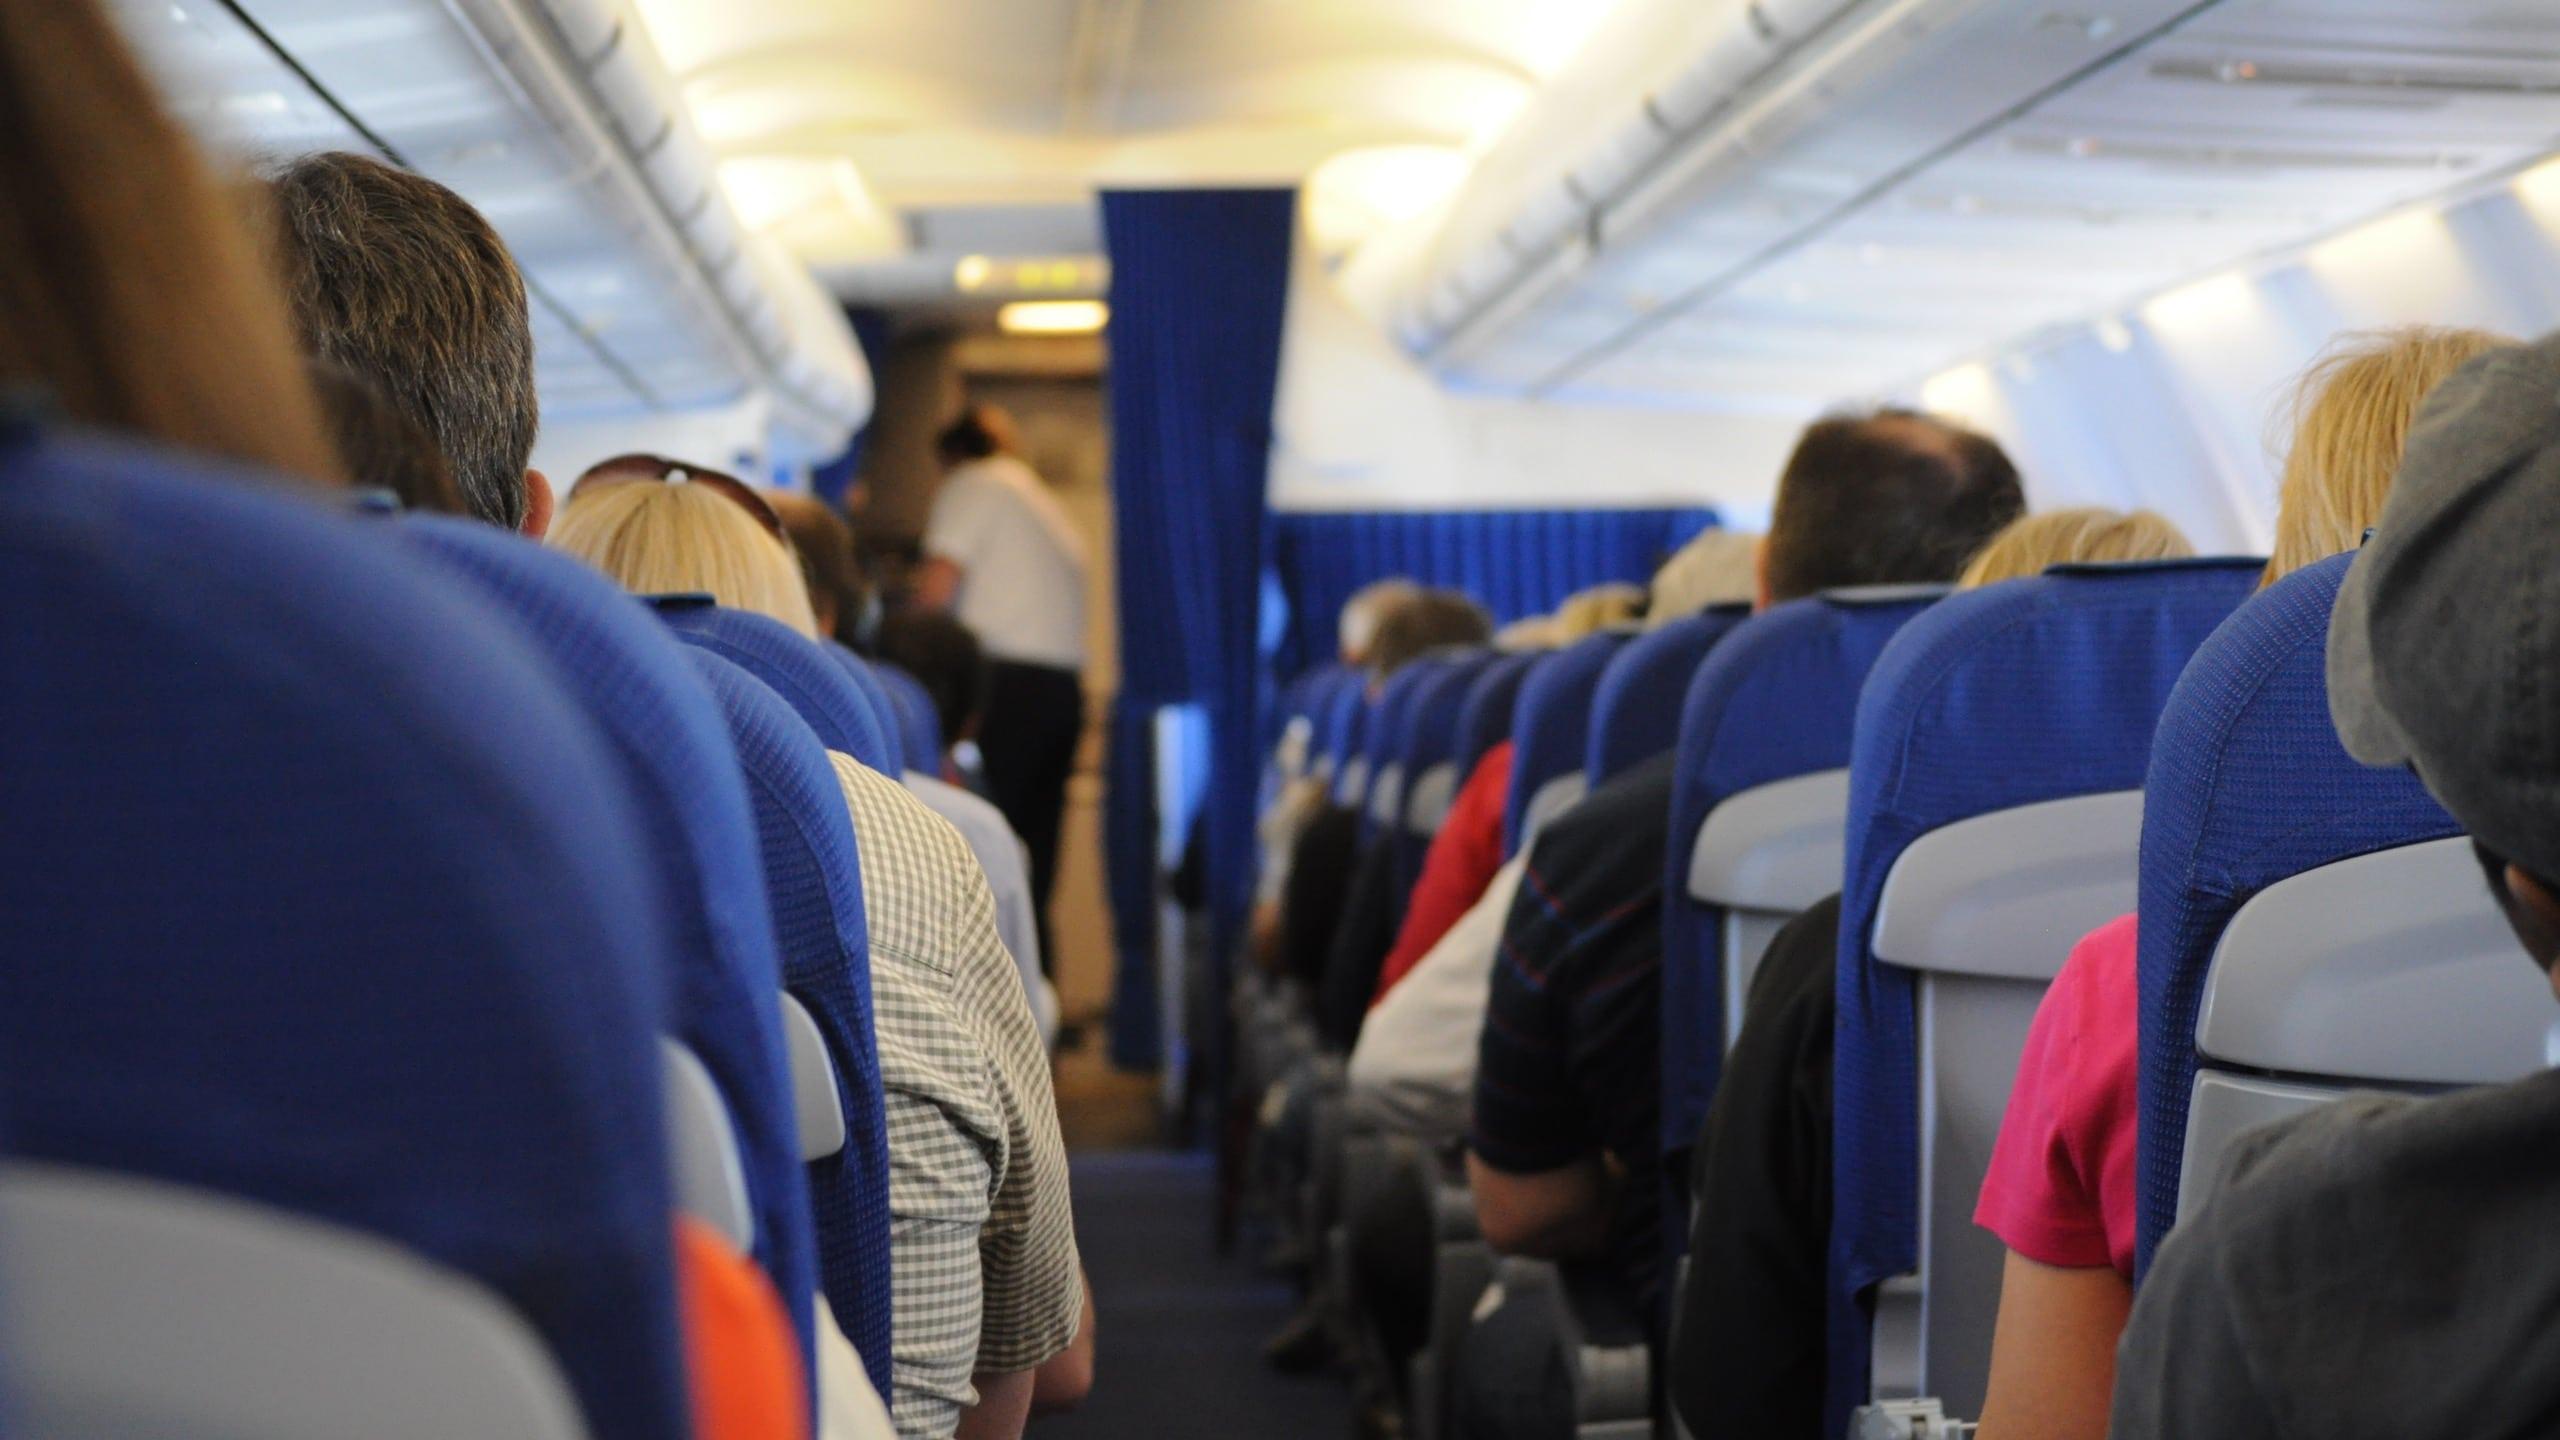 O passageiro deve ser indenizado pelos danos sofridos em razão da alteração do horário de seu voo